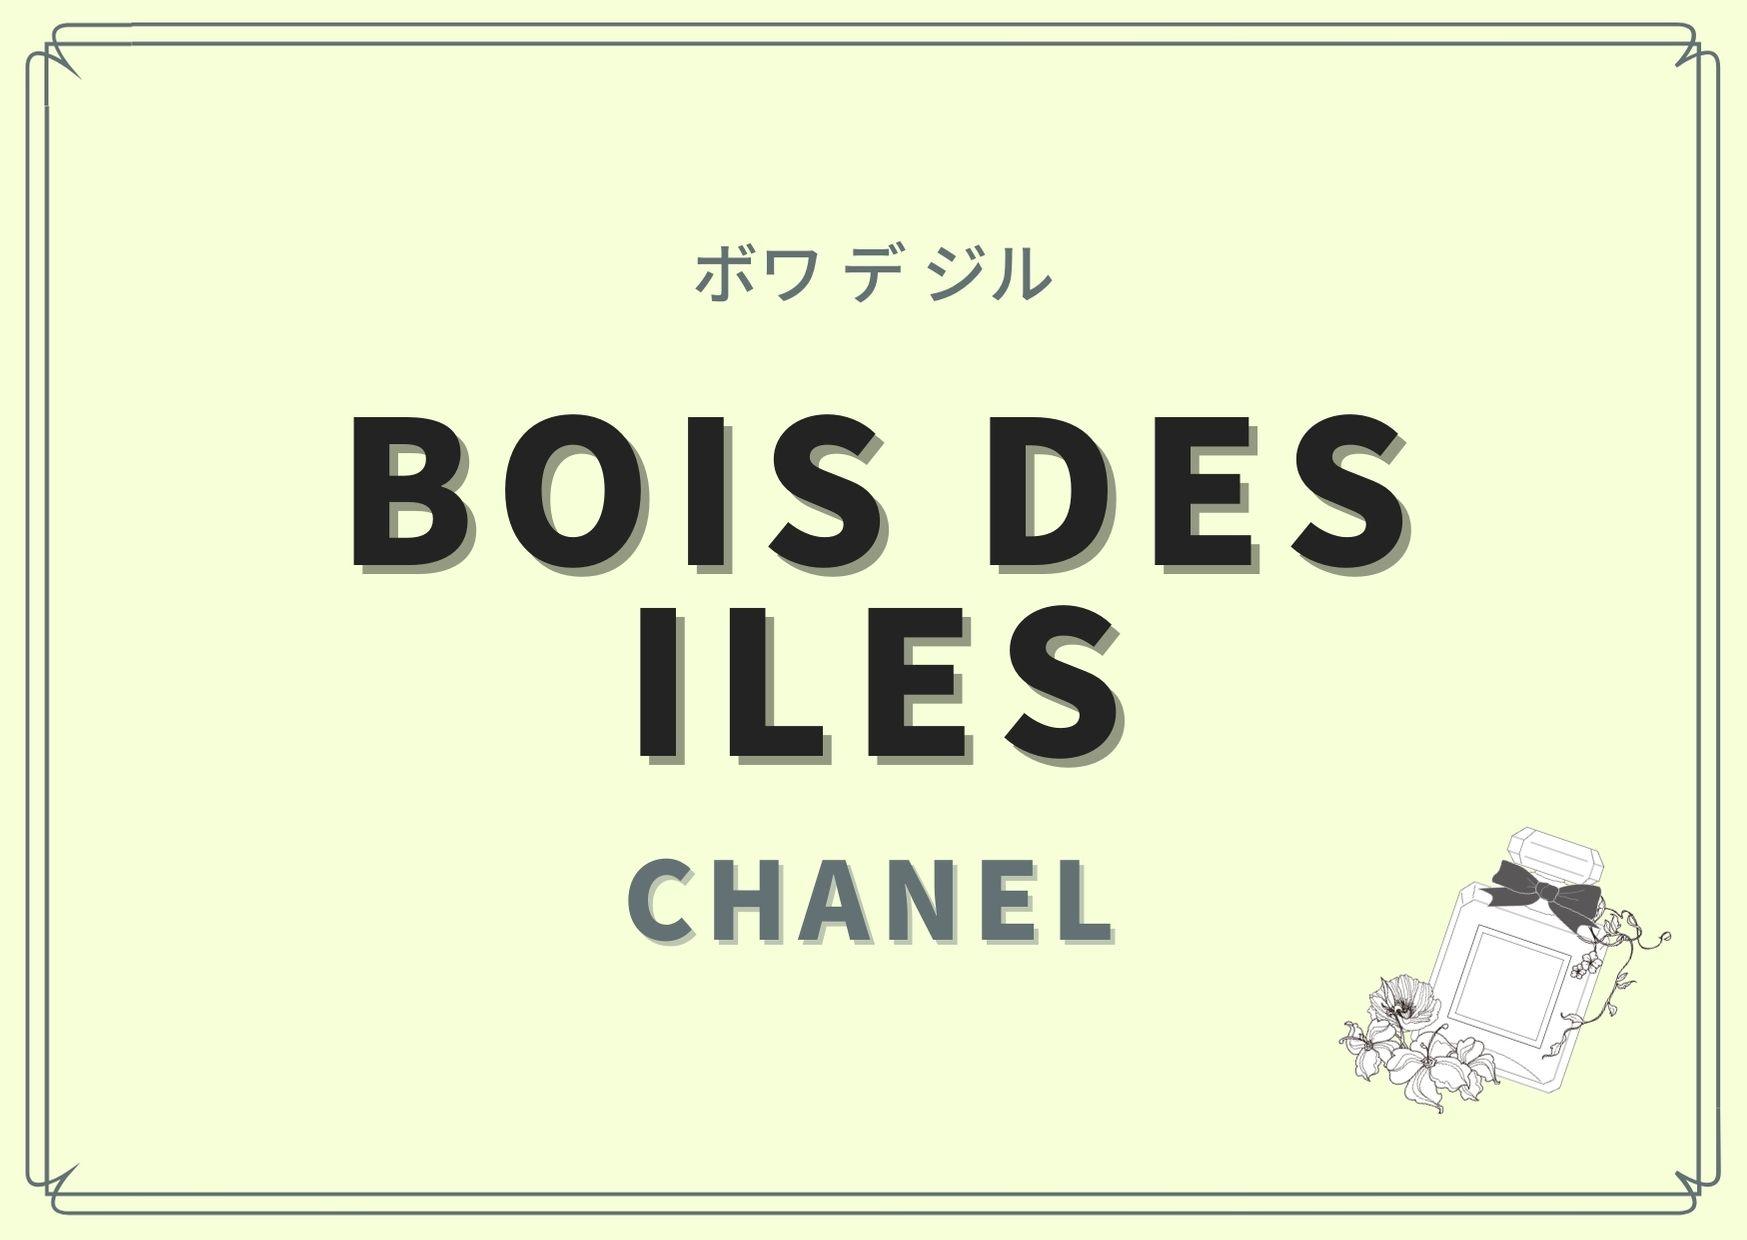 BOIS DES ILES(ボワ デ ジル) / CHANEL(シャネル)